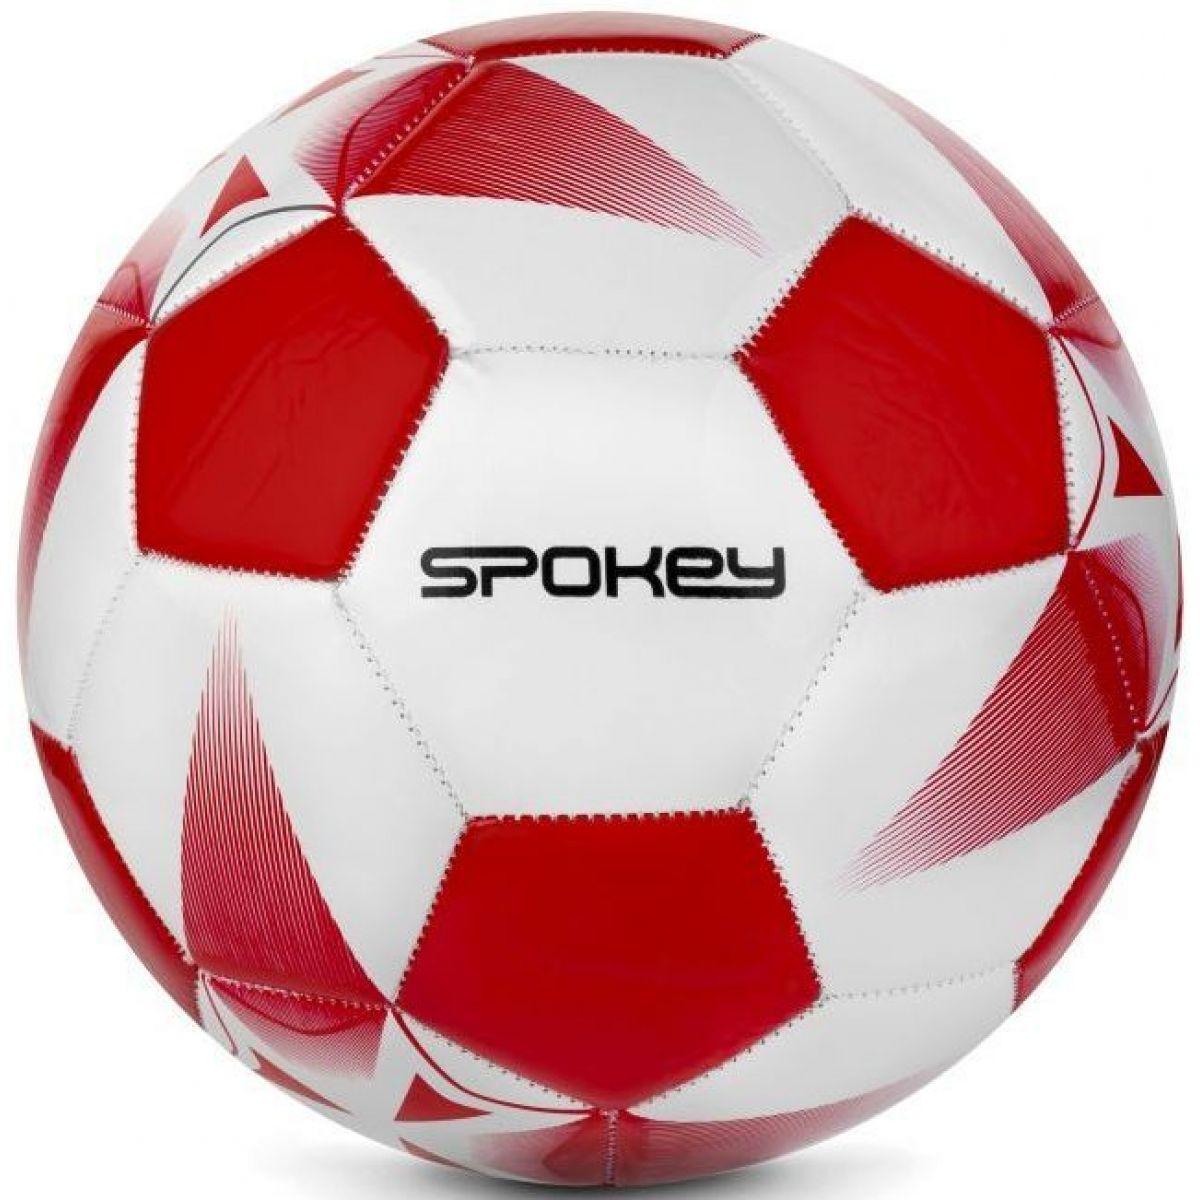 Spokey Fotbalový míč E2018 bíločervený č. 5